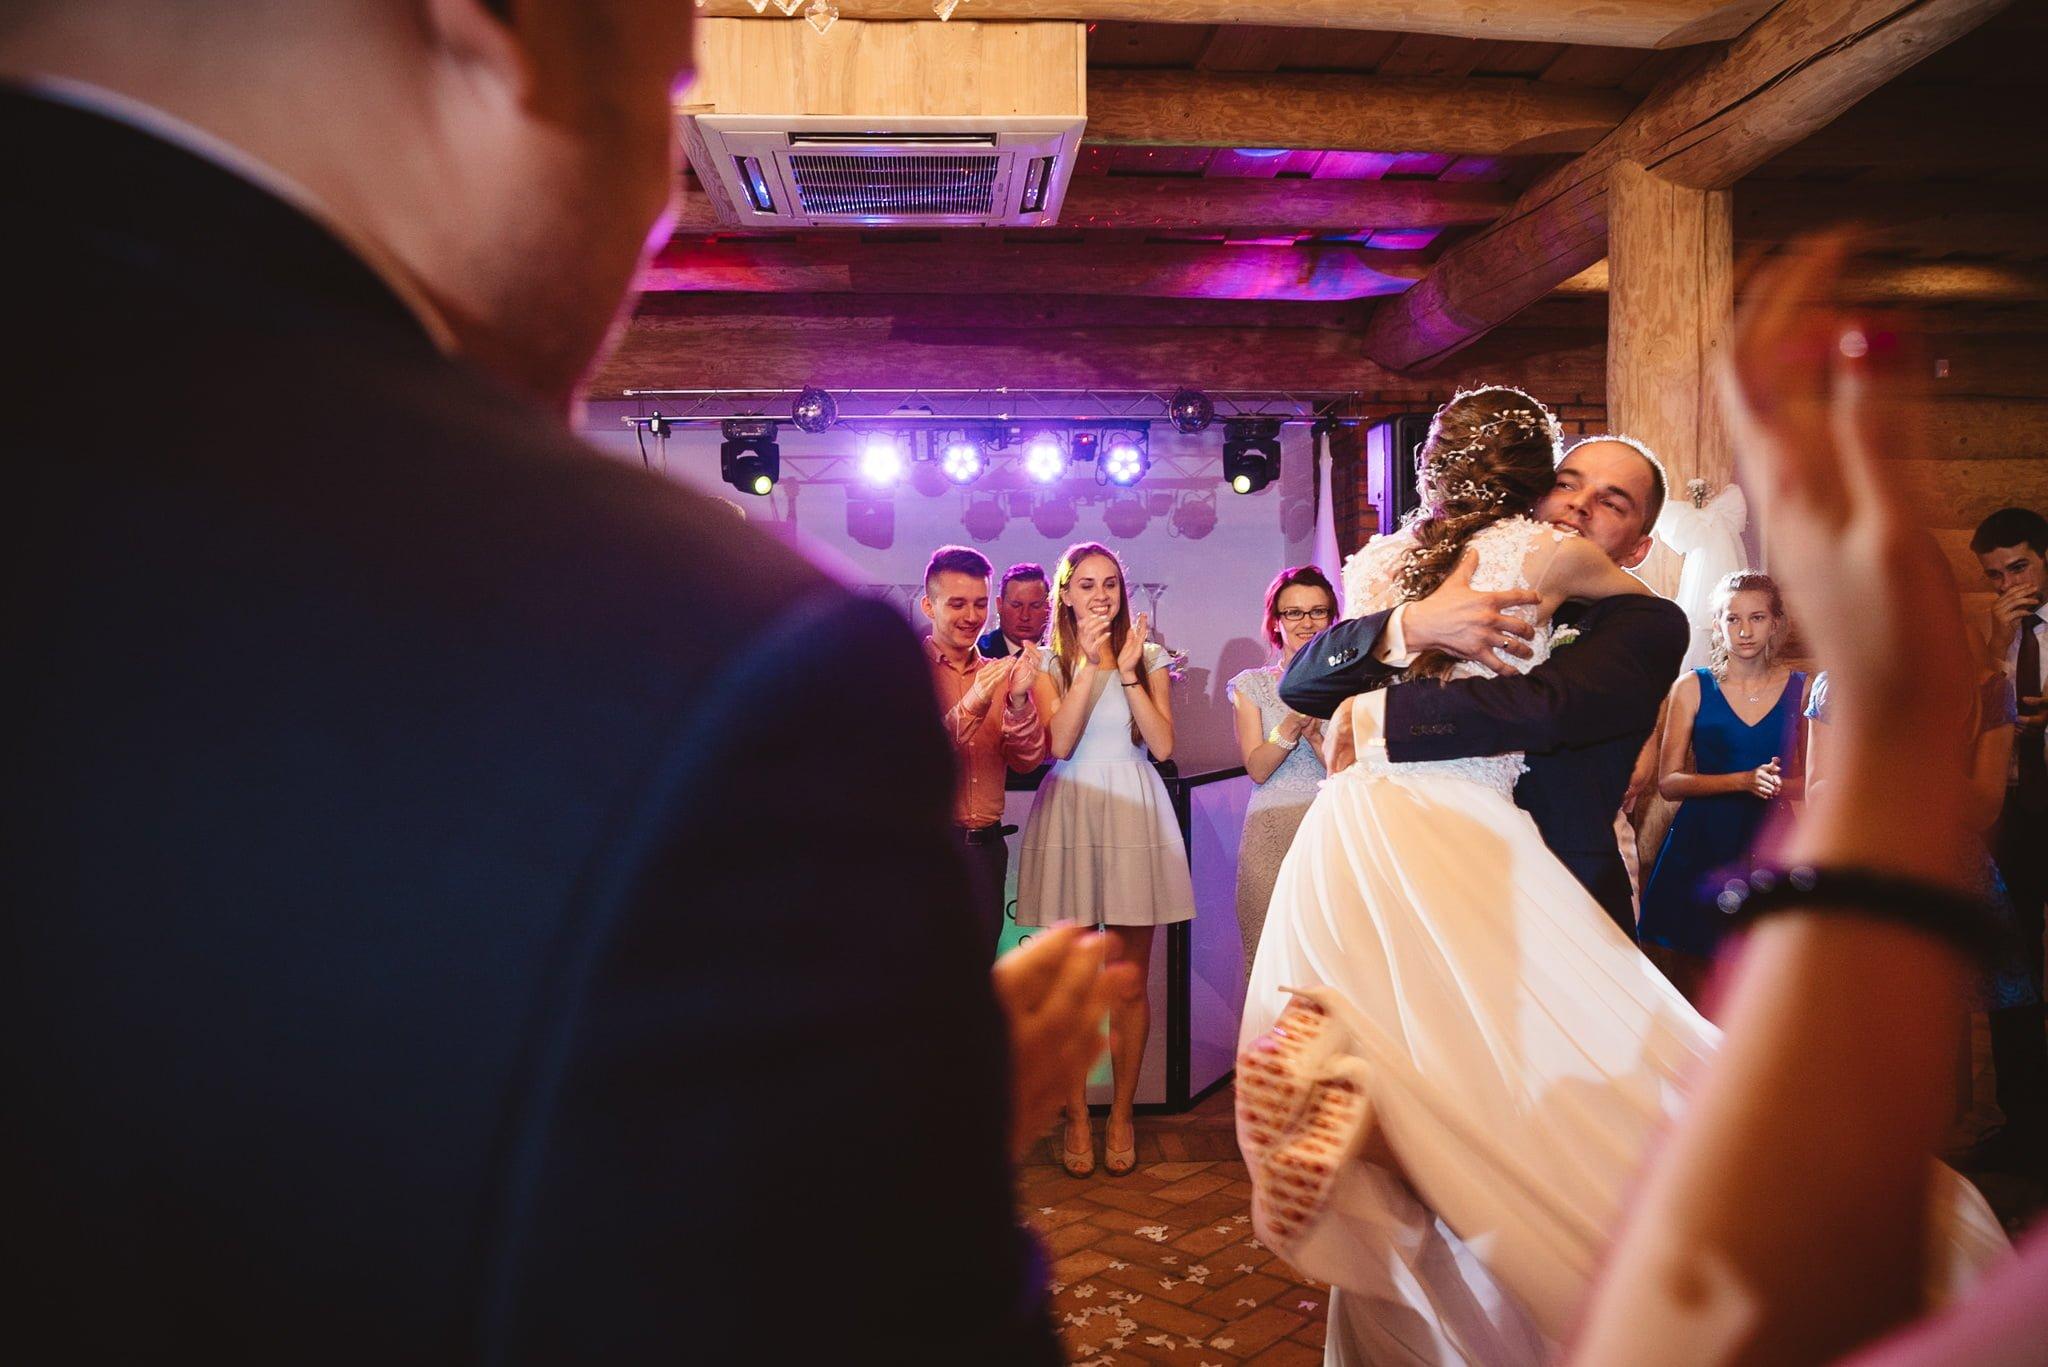 Ala i Arek, czyli jak zorganizować ślub i wesele w 4 tygodnie! 213